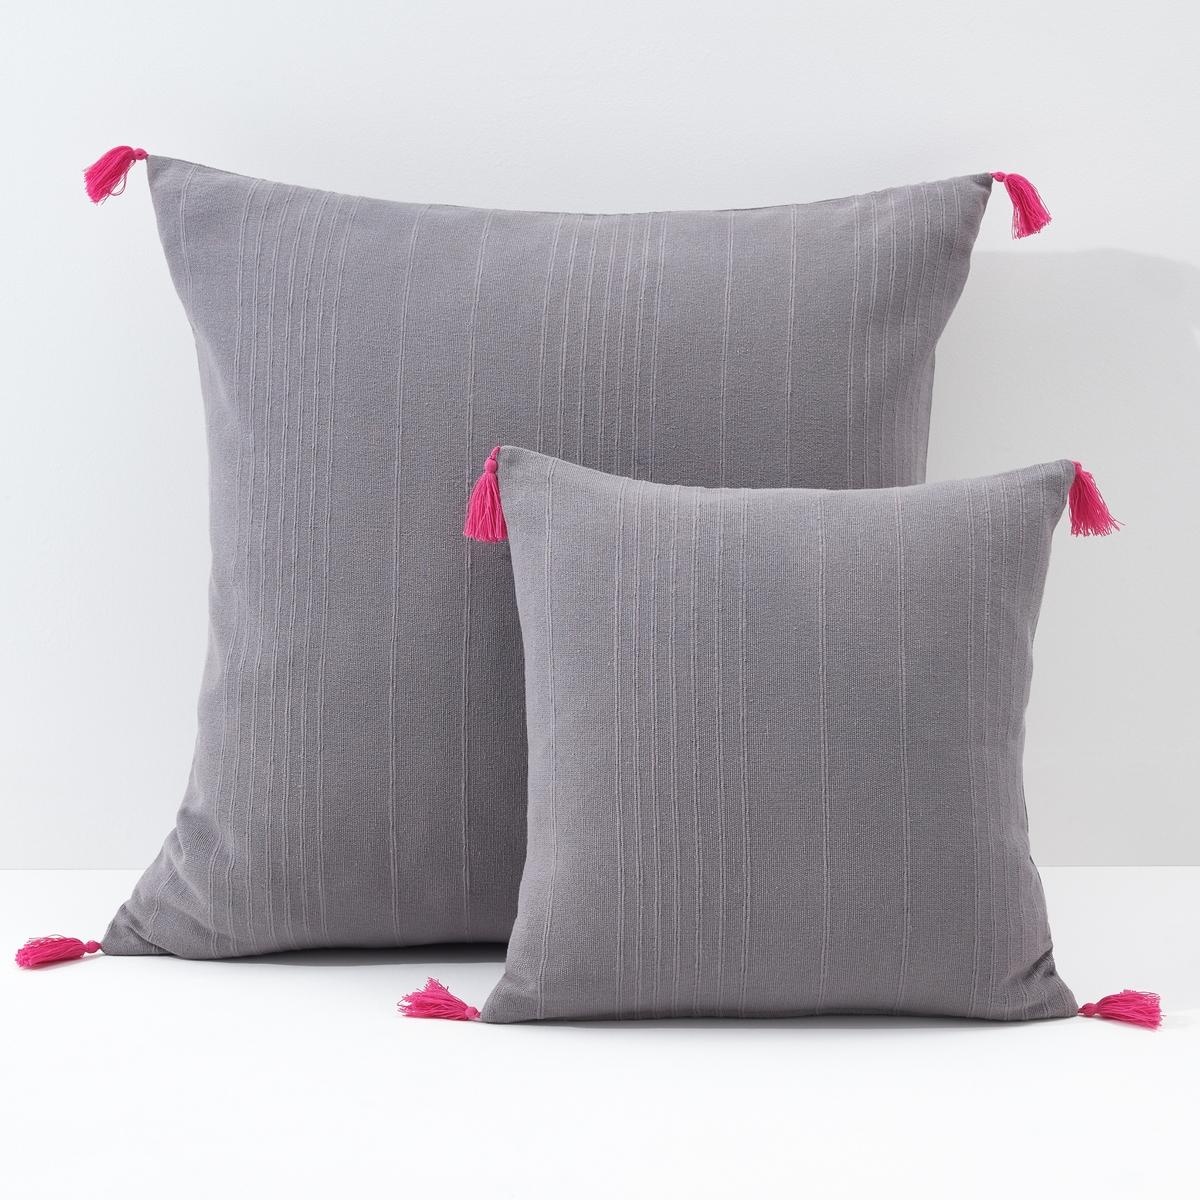 Чехол La Redoute Для подушки или наволочка однотонного цвета с помпонами RIAD 40 x 40 см серый набор для вышивания подушки полным крестом orchidea 9350 разноцветный 40 х 40 см